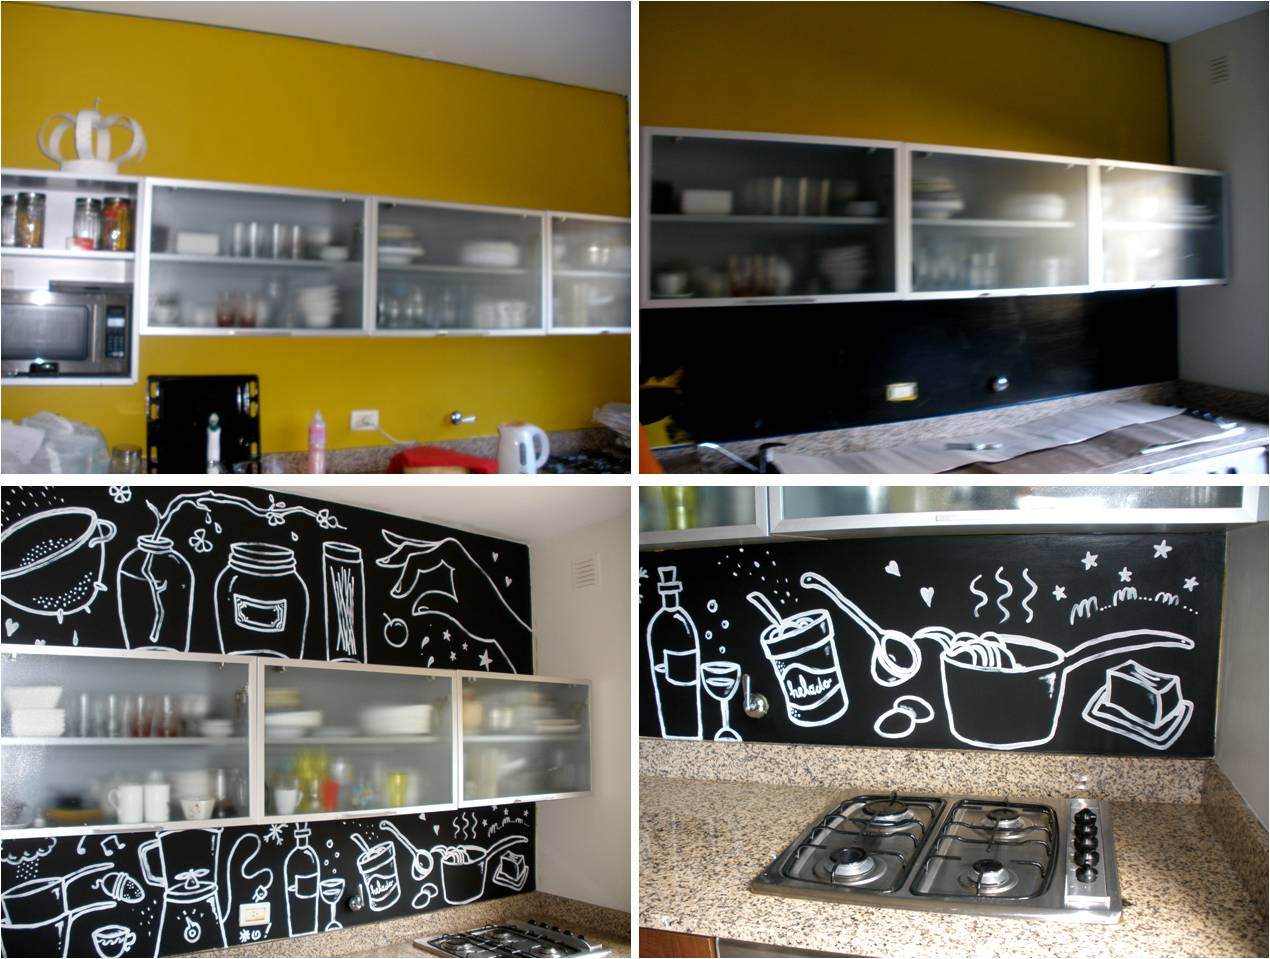 Estudio dulce cattaneo dise o de interiores murales for Murales para cocina